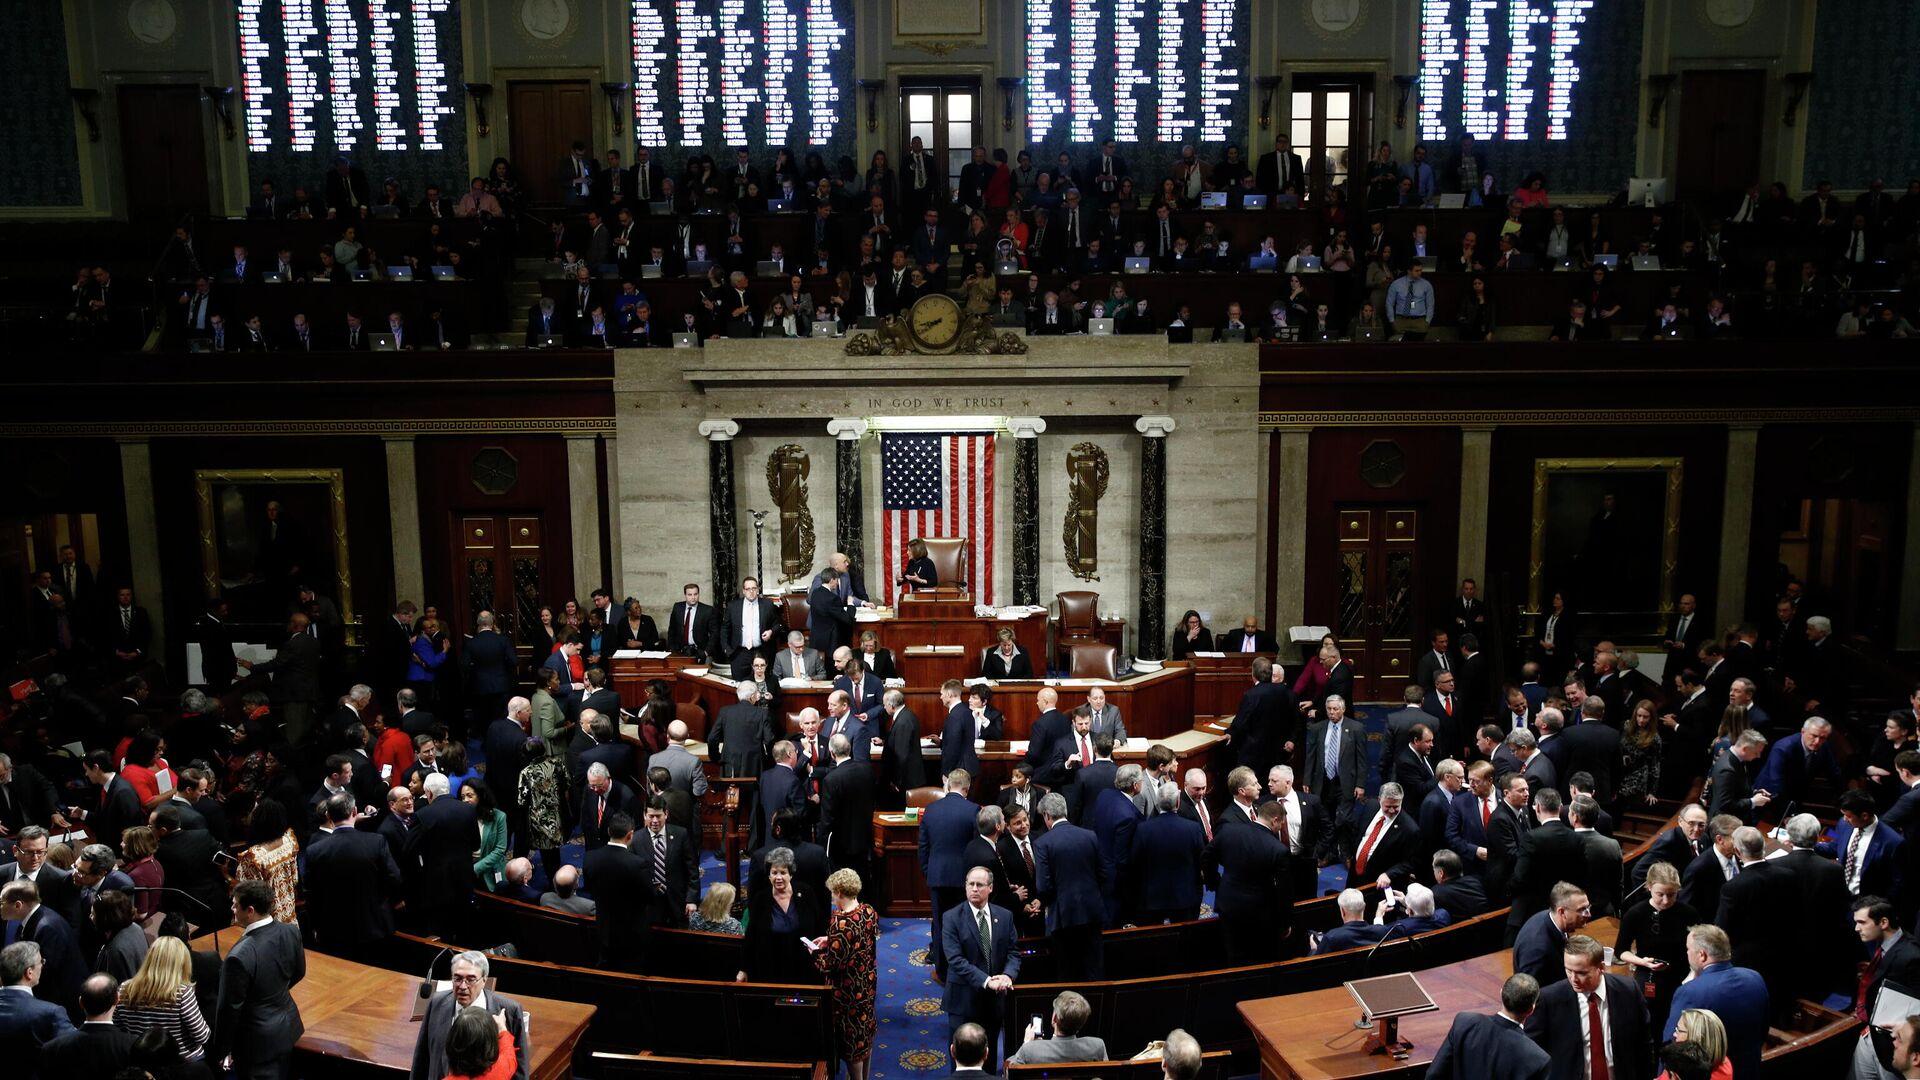 Члены Палаты представителей Конгресса США во время голосования по импичменту Дональда Трампа. 18 декабря 2019 - РИА Новости, 1920, 01.01.2021